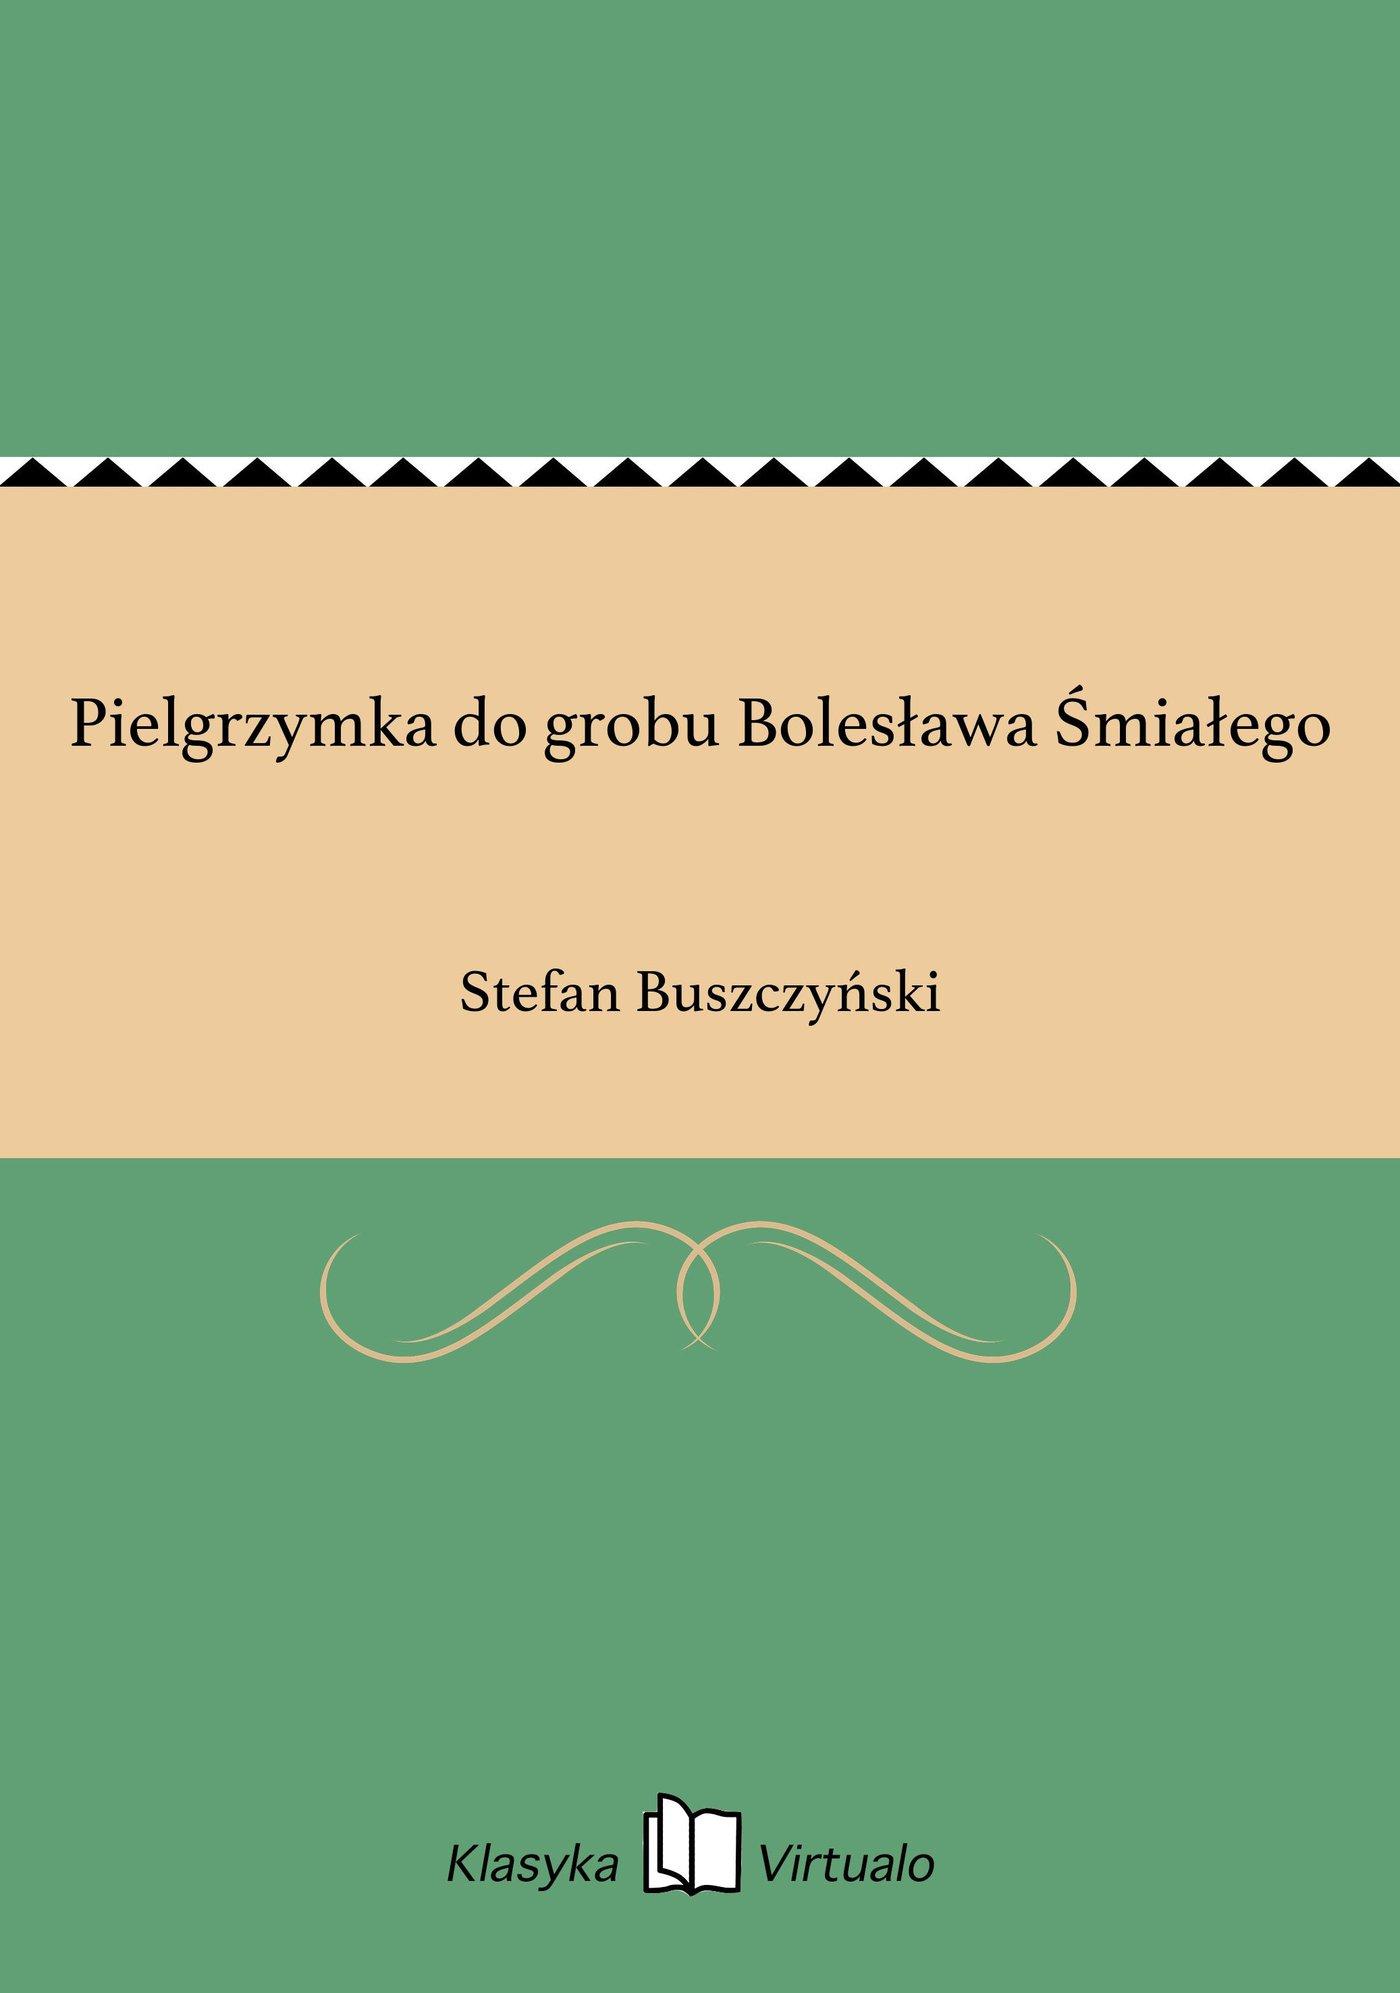 Pielgrzymka do grobu Bolesława Śmiałego - Ebook (Książka EPUB) do pobrania w formacie EPUB